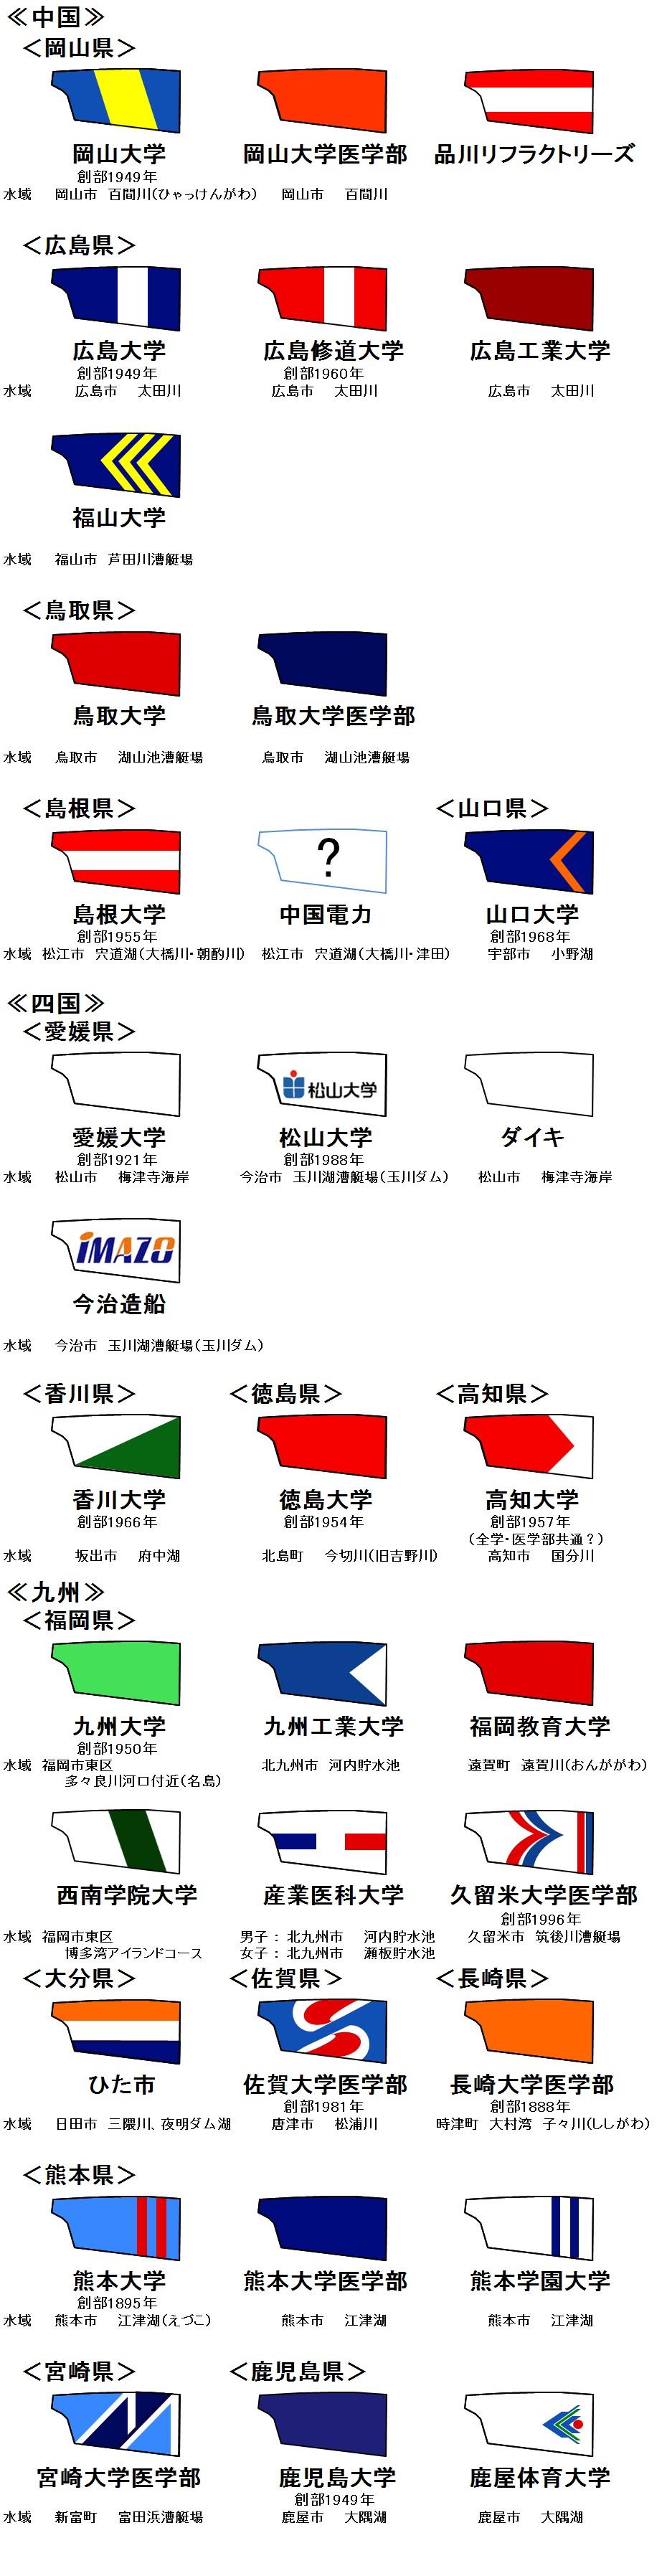 ブレードカラー一覧 中国・四国・九州 2016年4月最新